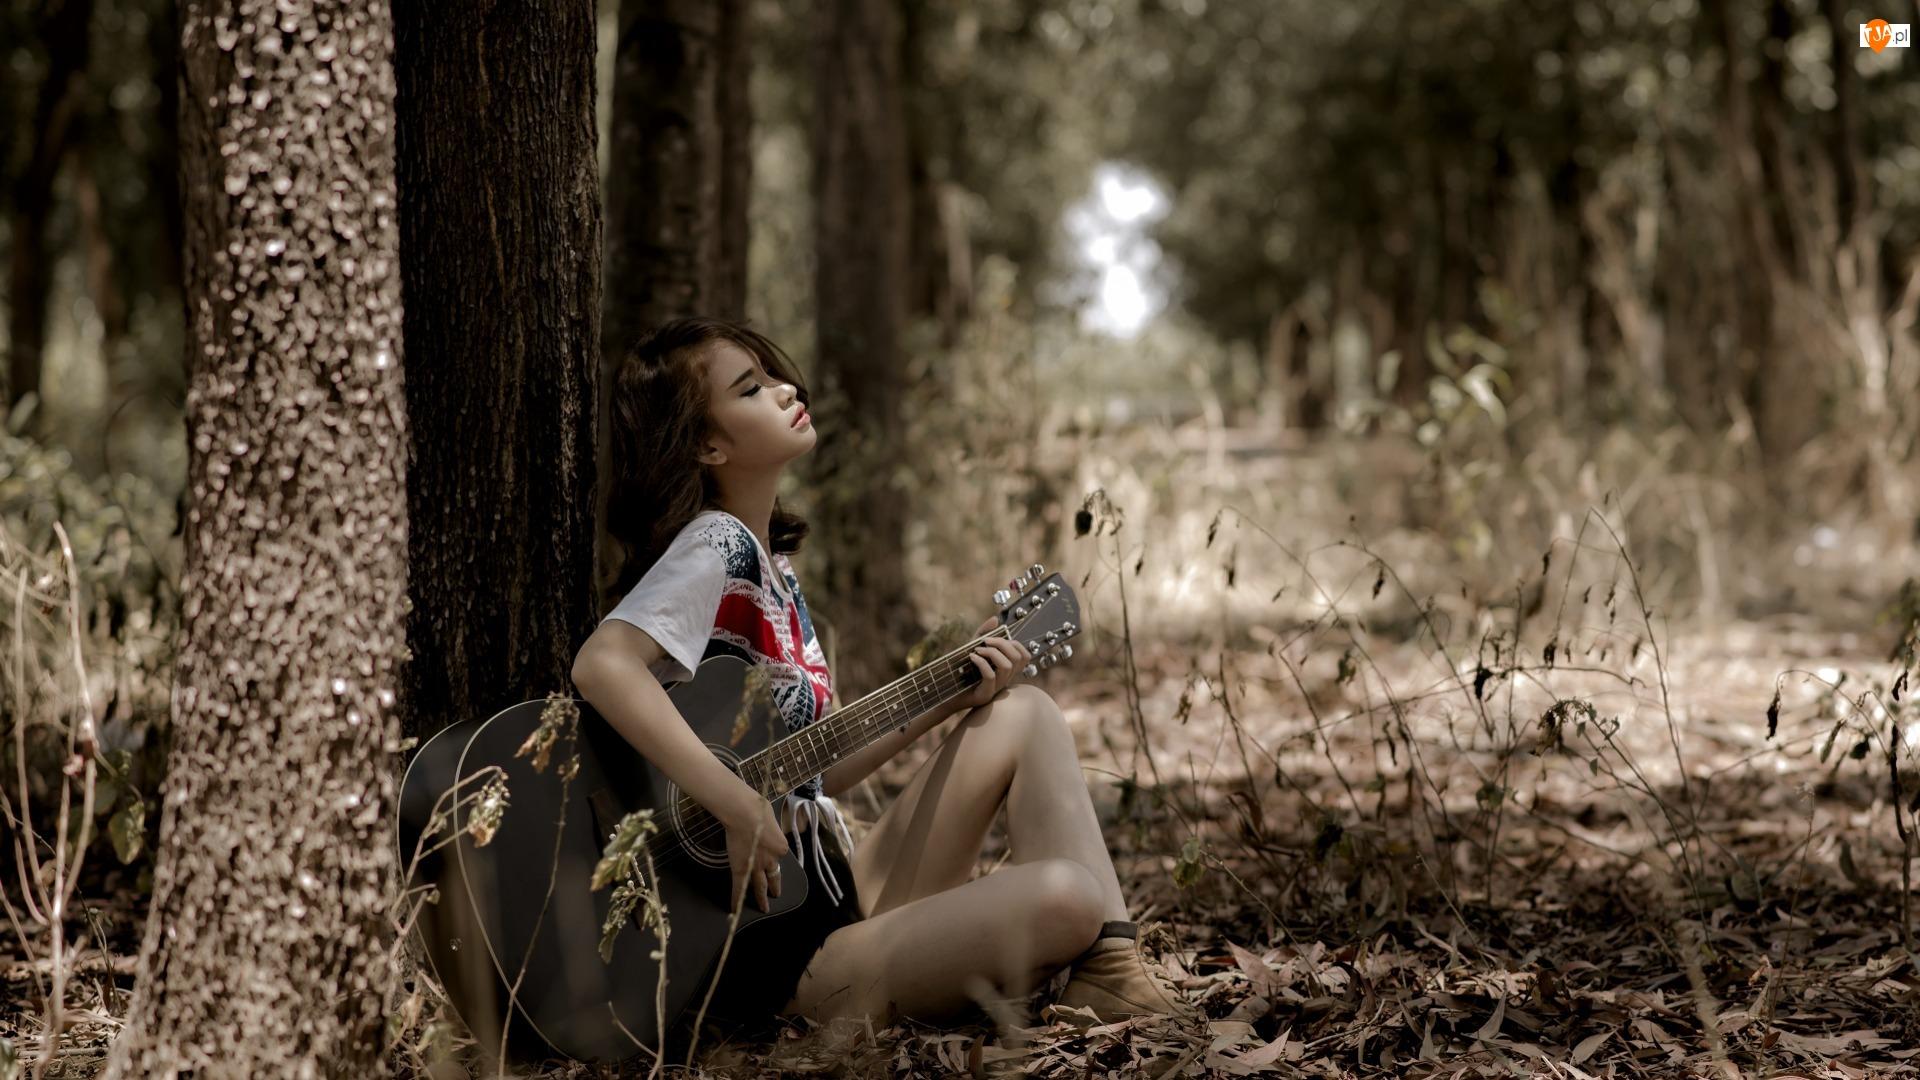 Drzewa, Dziewczyna, Gitara